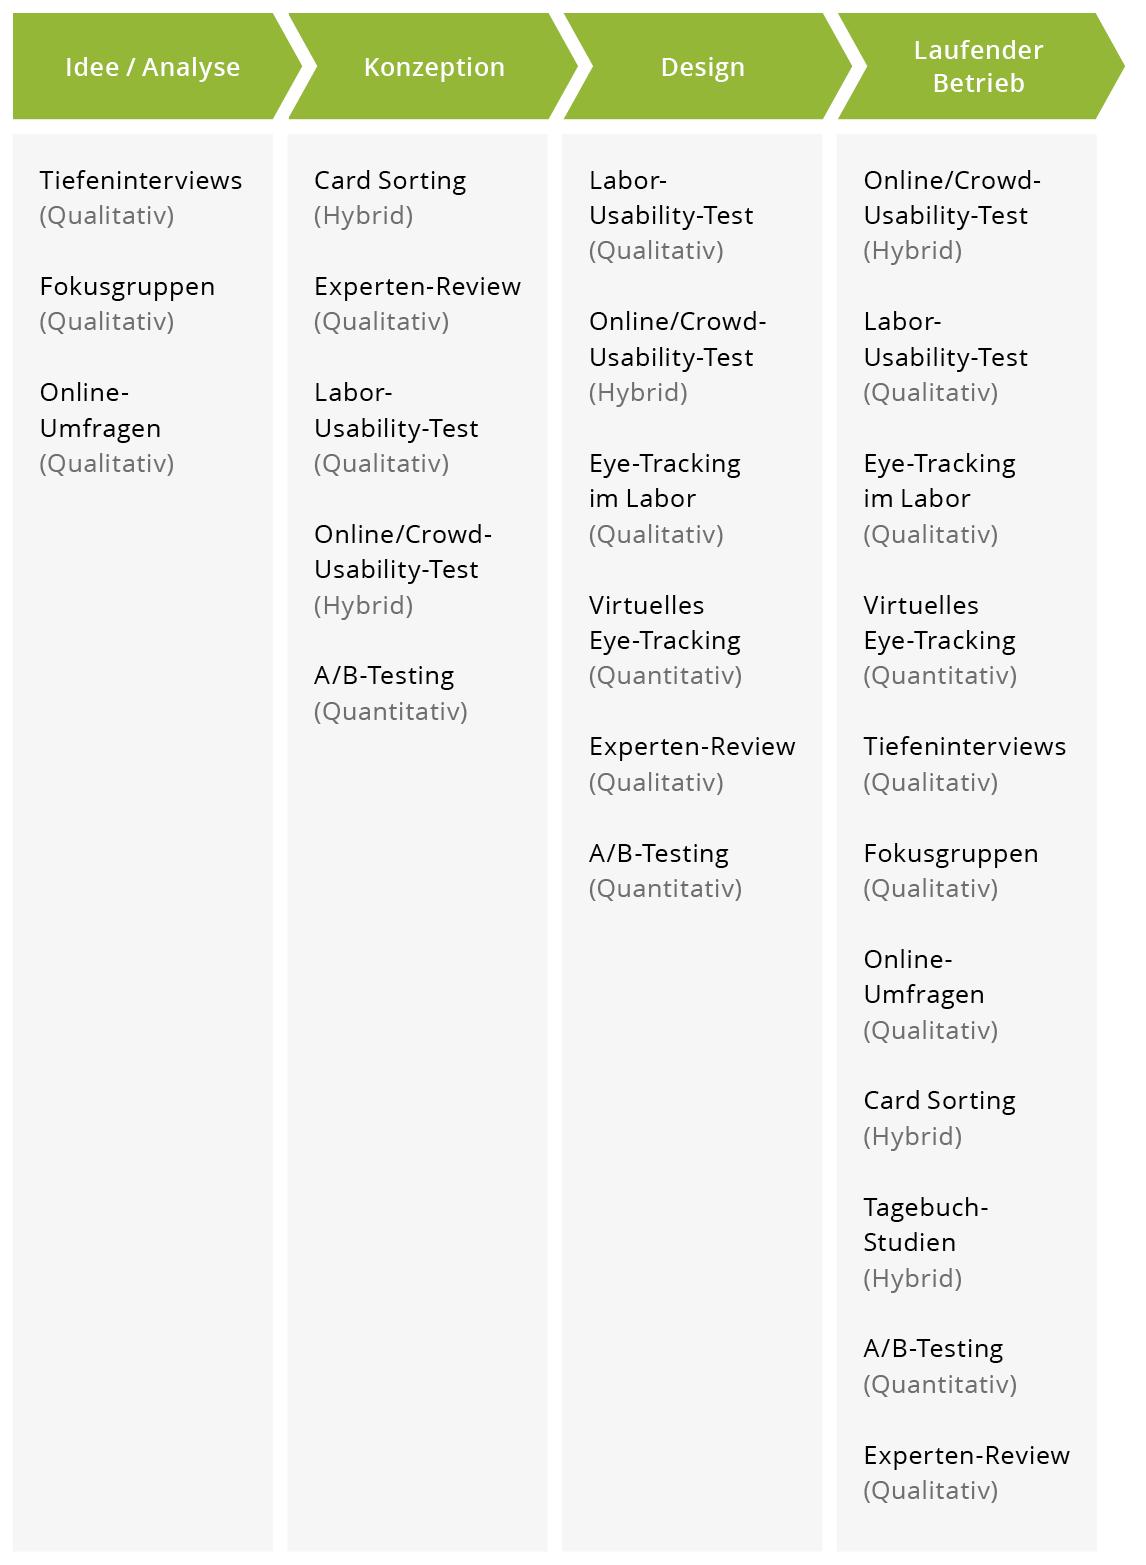 Schaubild UX Produktentwicklungsprozess